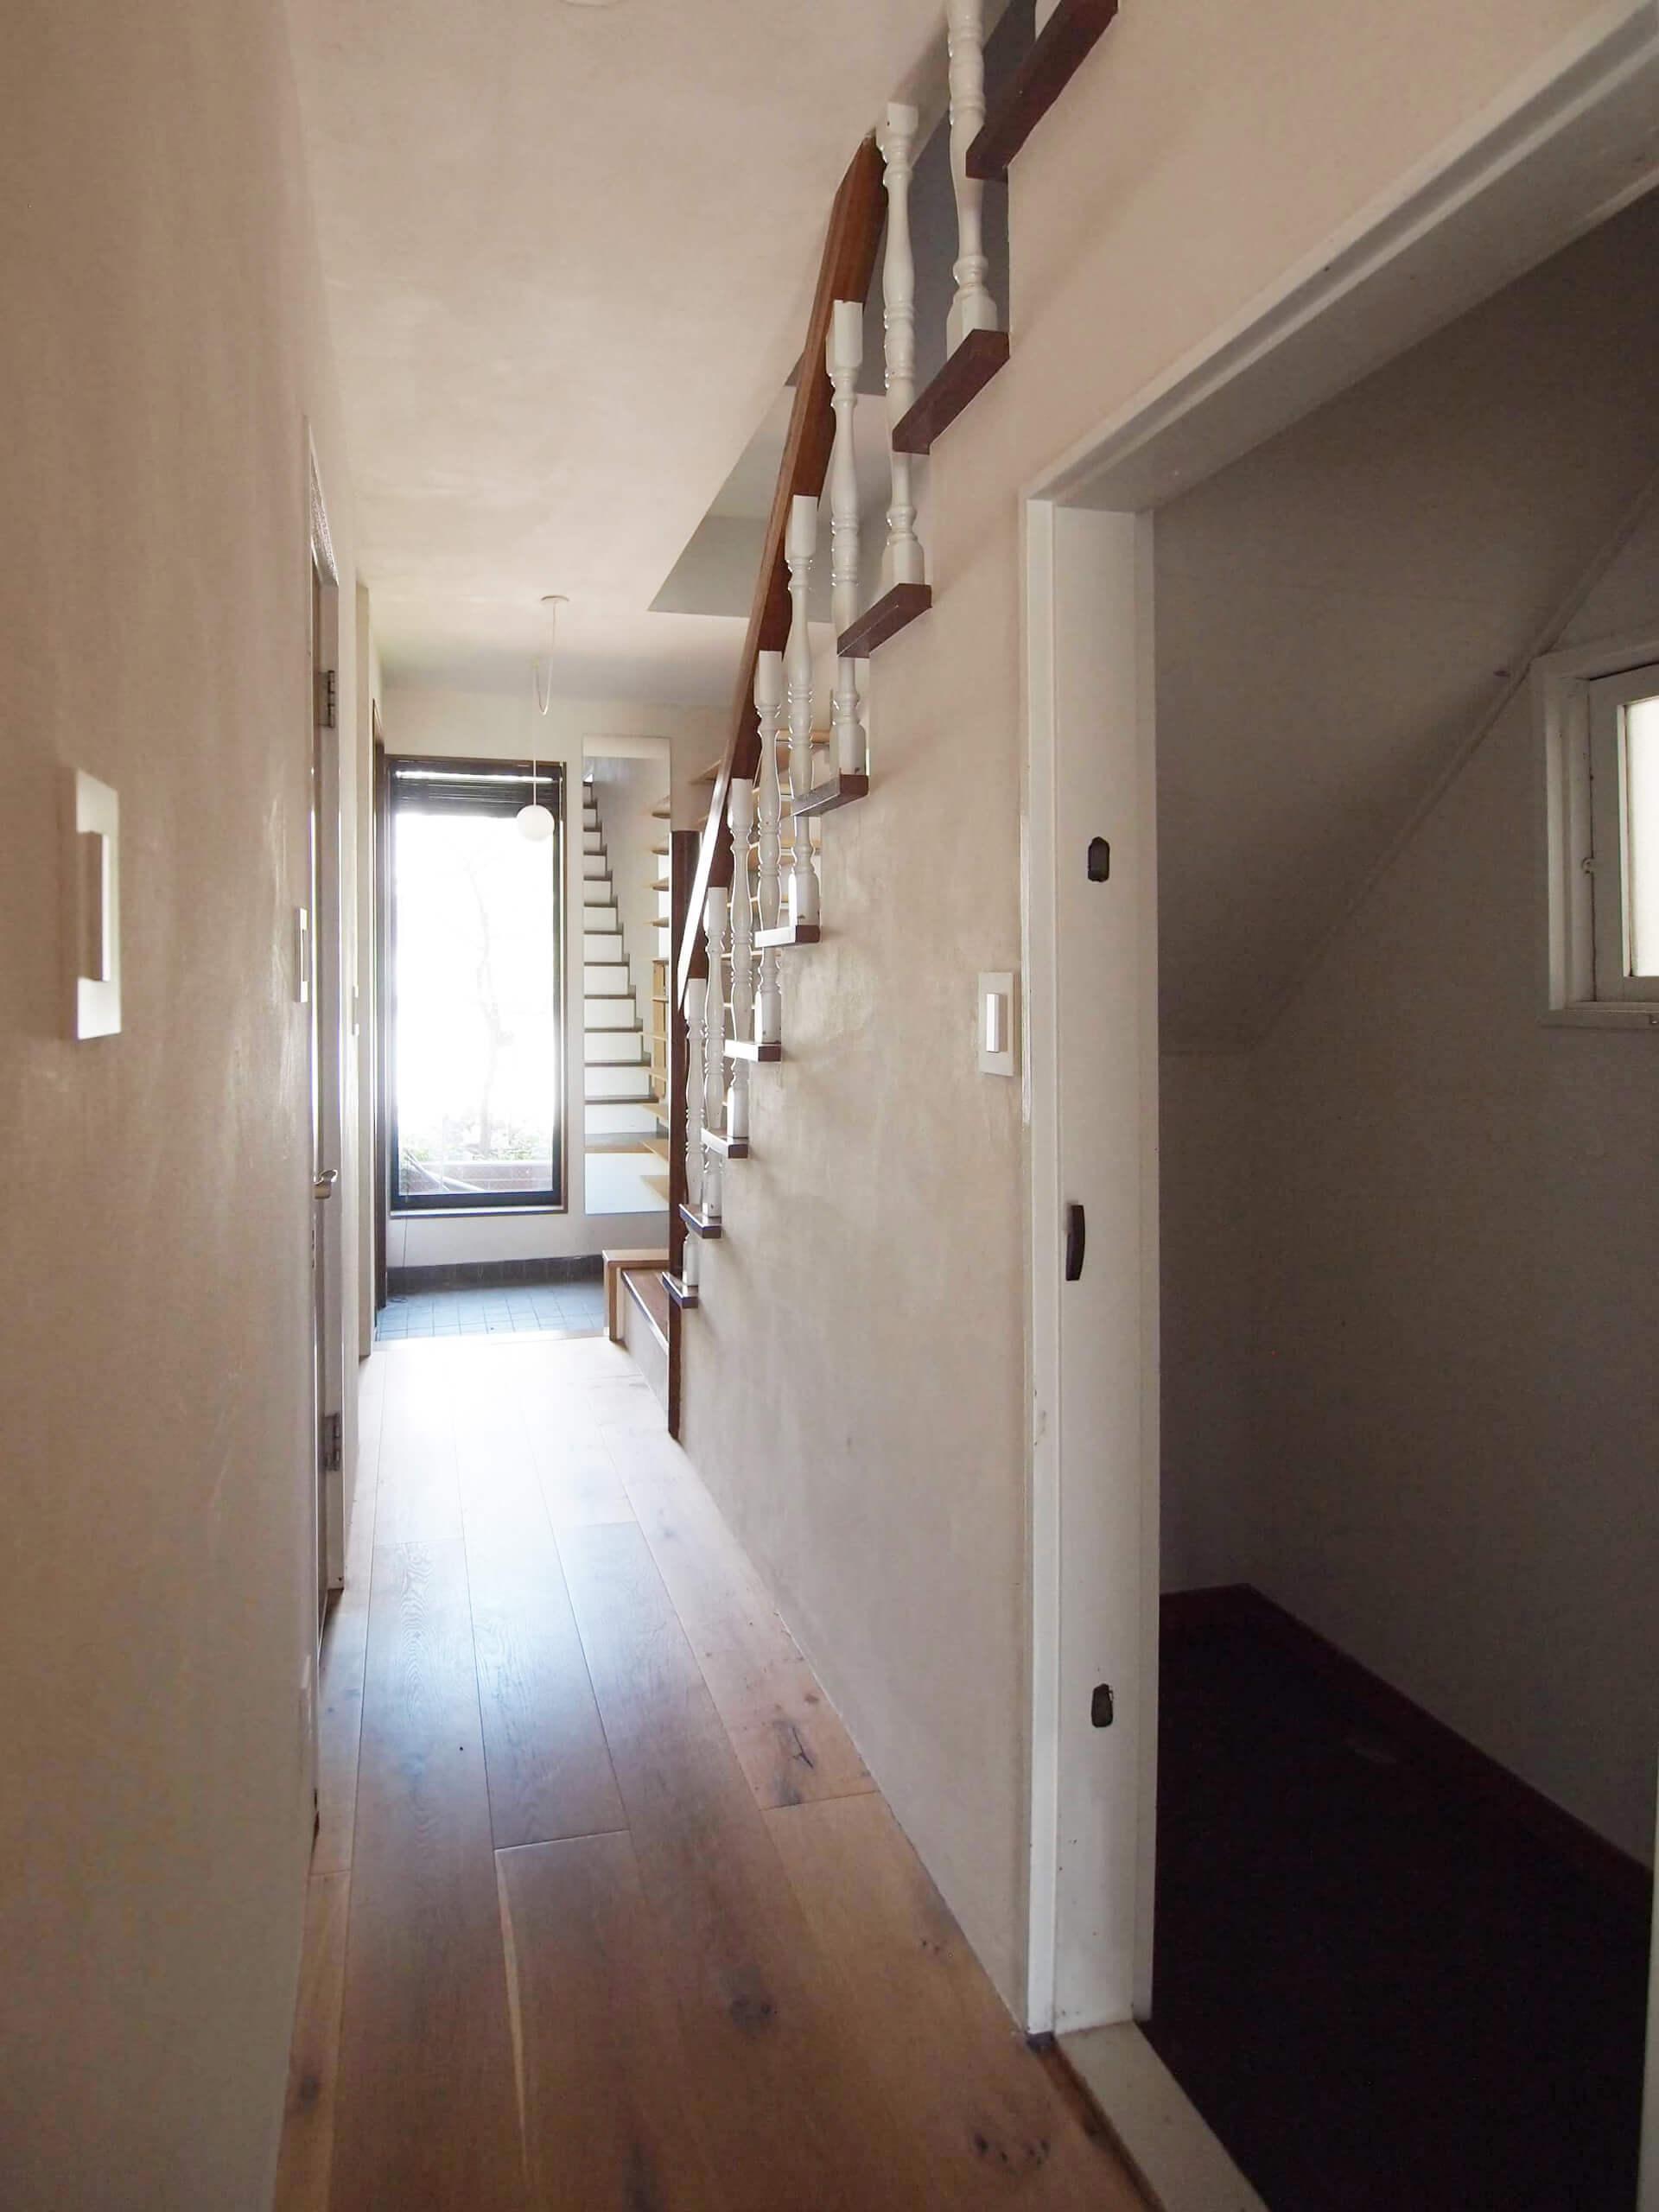 【廊下】左手に階段下収納